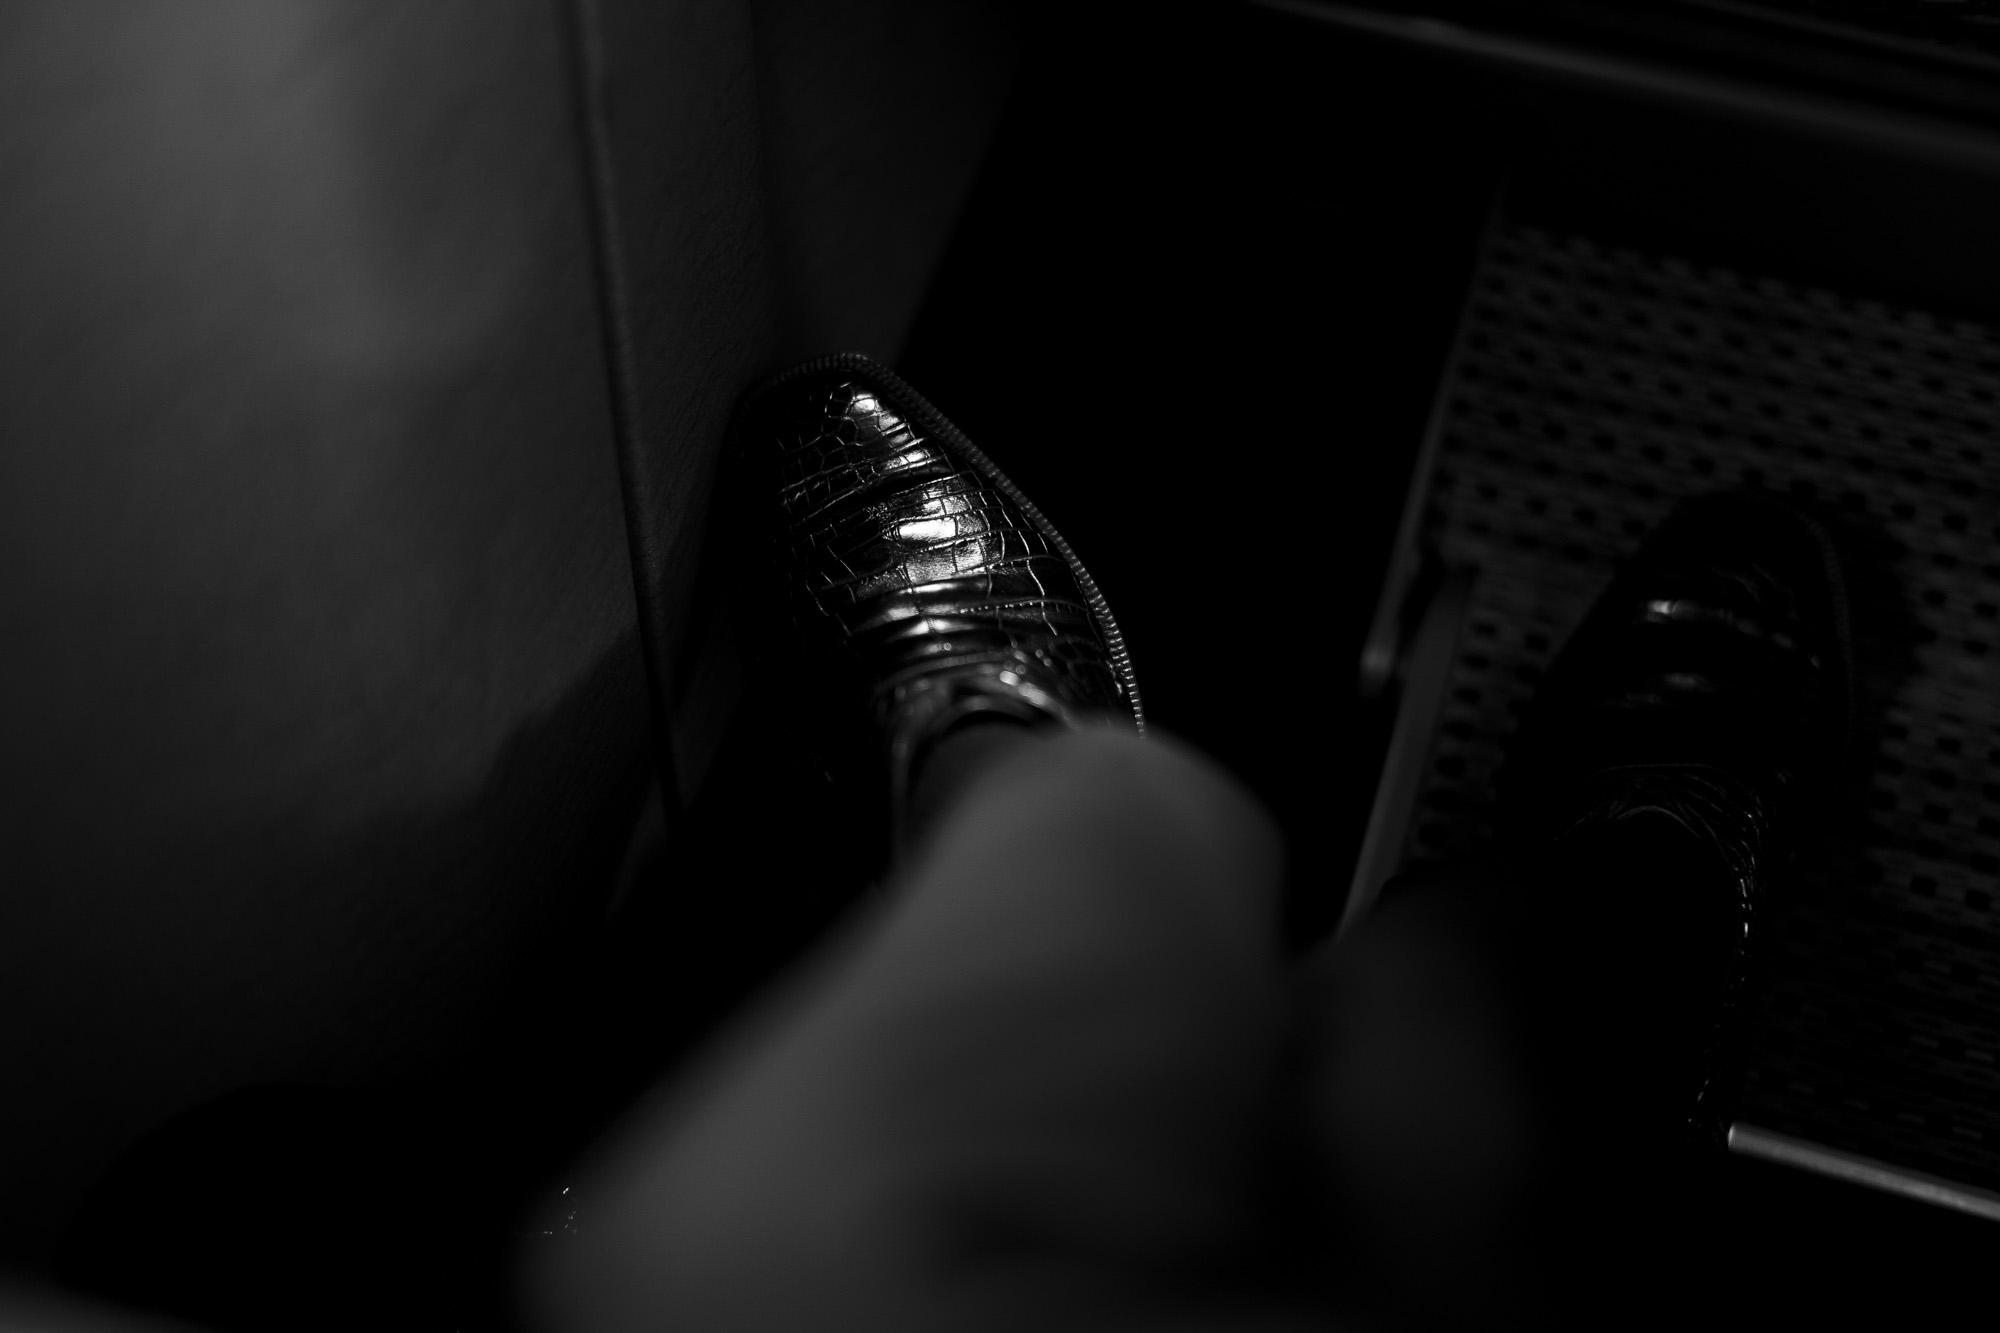 ENZO BONAFE (エンツォボナフェ) ART.3722 Crocodile Chukka boots クロコダイル Mat Crocodile Leather マット クロコダイル エキゾチックレザー チャッカブーツ NERO (ブラック) made in italy (イタリア製) 2021 秋冬 愛知 名古屋 Alto e Diritto altoediritto アルトエデリット